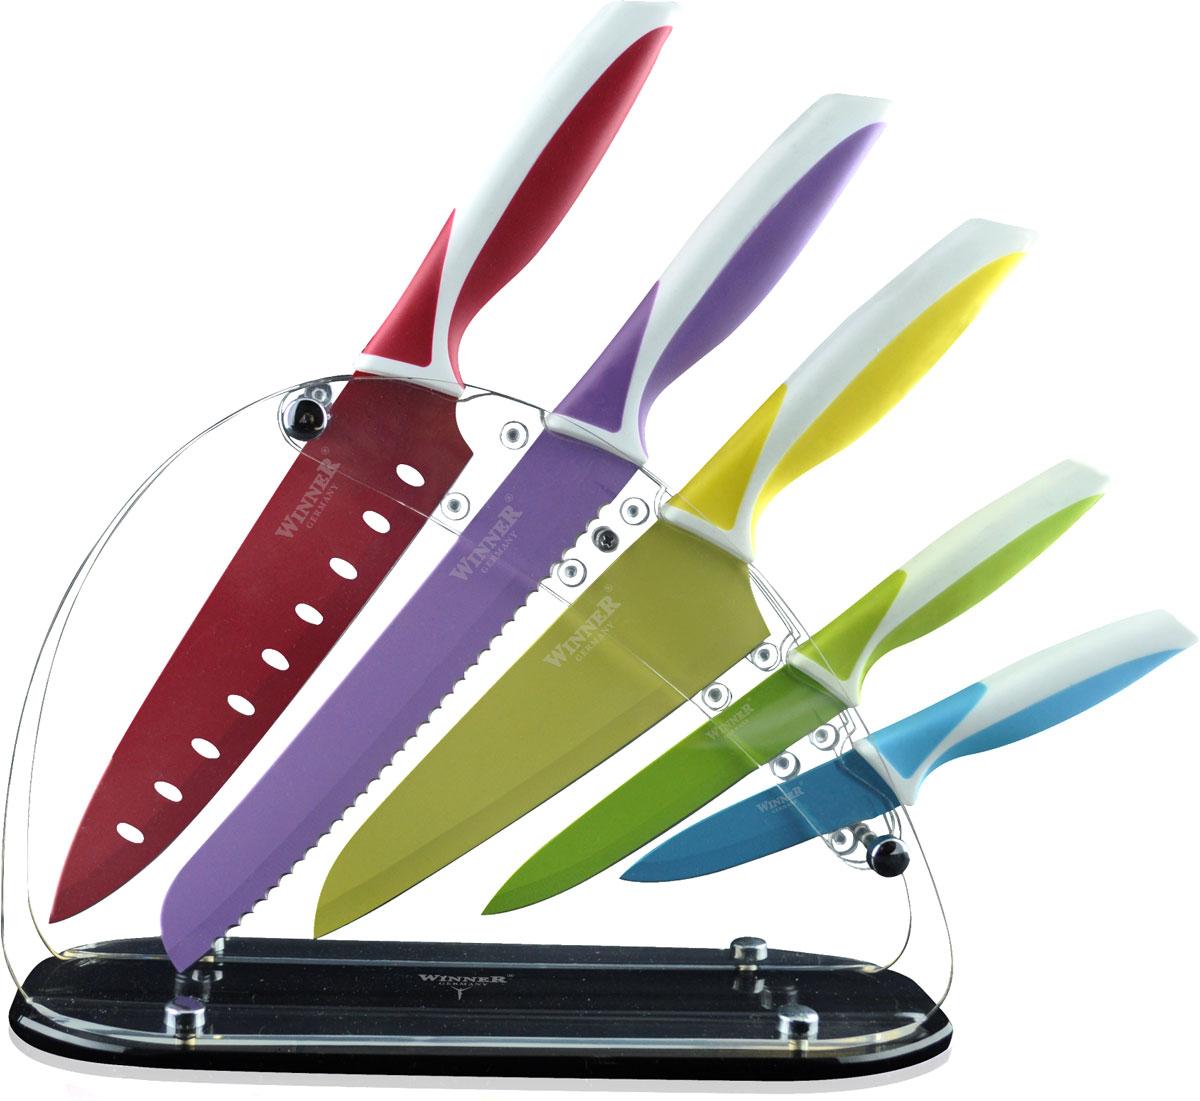 Набор ножей Winner, 6 предметов, цветн. WR-7328WR-73286пр. на подставке из акрила. Ножи: поварской (32/19,5см), для резки хлеба (32/20,5см), Сантоку (30/16,5см), универсальный(23/12,7см), для очистки(19,5/9см). Лезвие 1,2-1,8мм с цв. покрытием, ручка из прорезин. пластика с антибакт. покрытием. Состав: нержав. сталь.